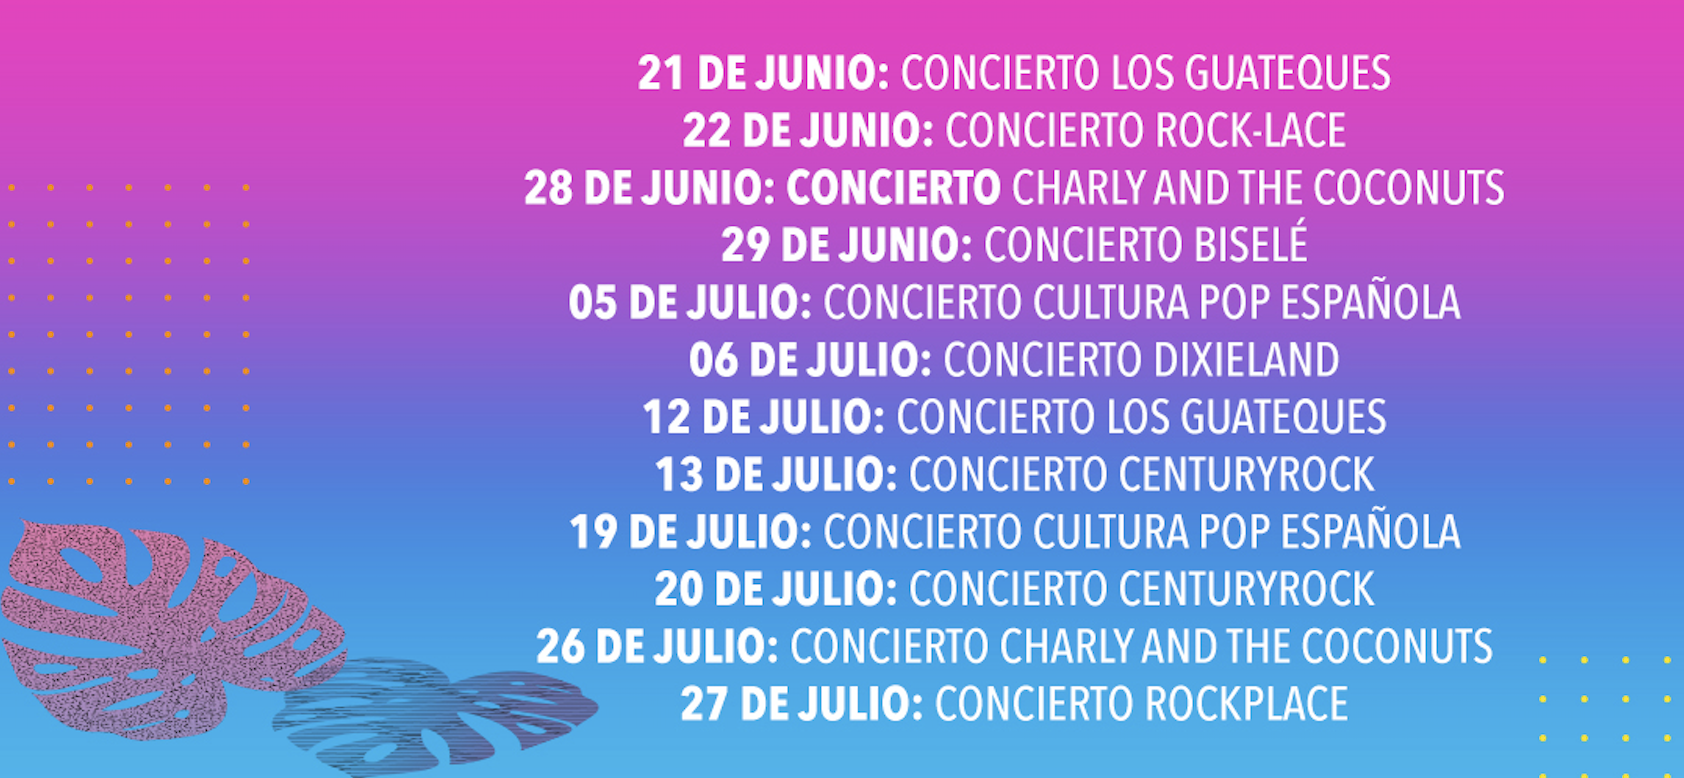 Programa Veranos Sambil éxitos musicales de los 60, 70 y 80